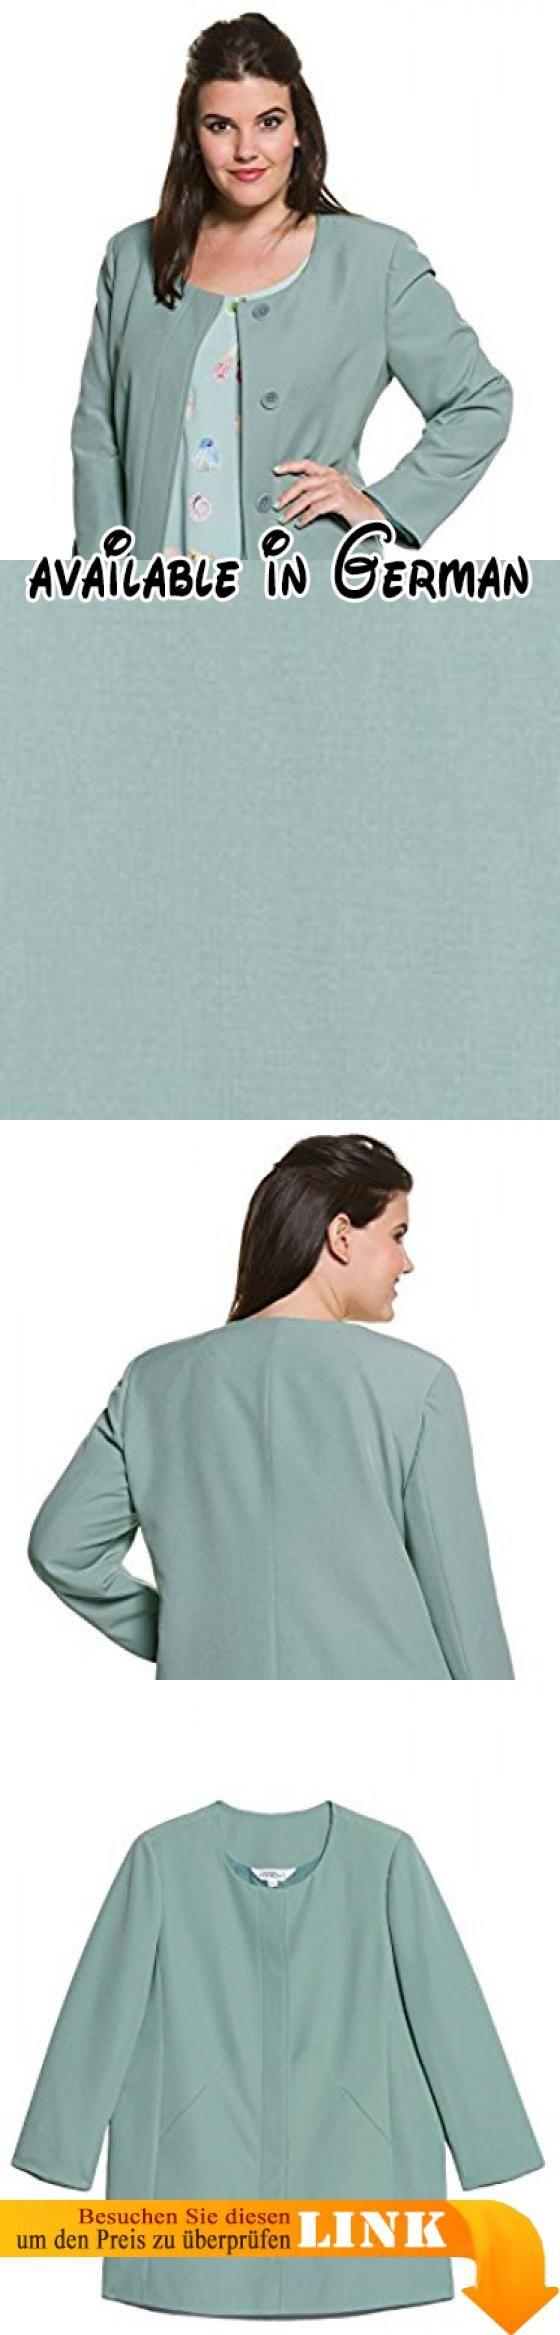 B06XC5QSH6 : Studio Untold Damen große Größen bis 54 | Sommer-Mantel | Longjacke in Mint | Rundhalsausschnitt 2 Taschen & Langarm | Komplettfutter & Knopfleiste | Regular Fit | graumint 48 709574 43-48. <p>Ein Sommer Must-Have: dieser Sommermantel in einer freundlichen hellen Farbe. </p><p>Top zu kombinieren mit einer lässigen Jeans und einem schlichten Oberteil. </p><p>Ob für Outdoor oder Indoor-Events - diese Jacke wertet jedes Outfit noch auf und verdeckt auch noch